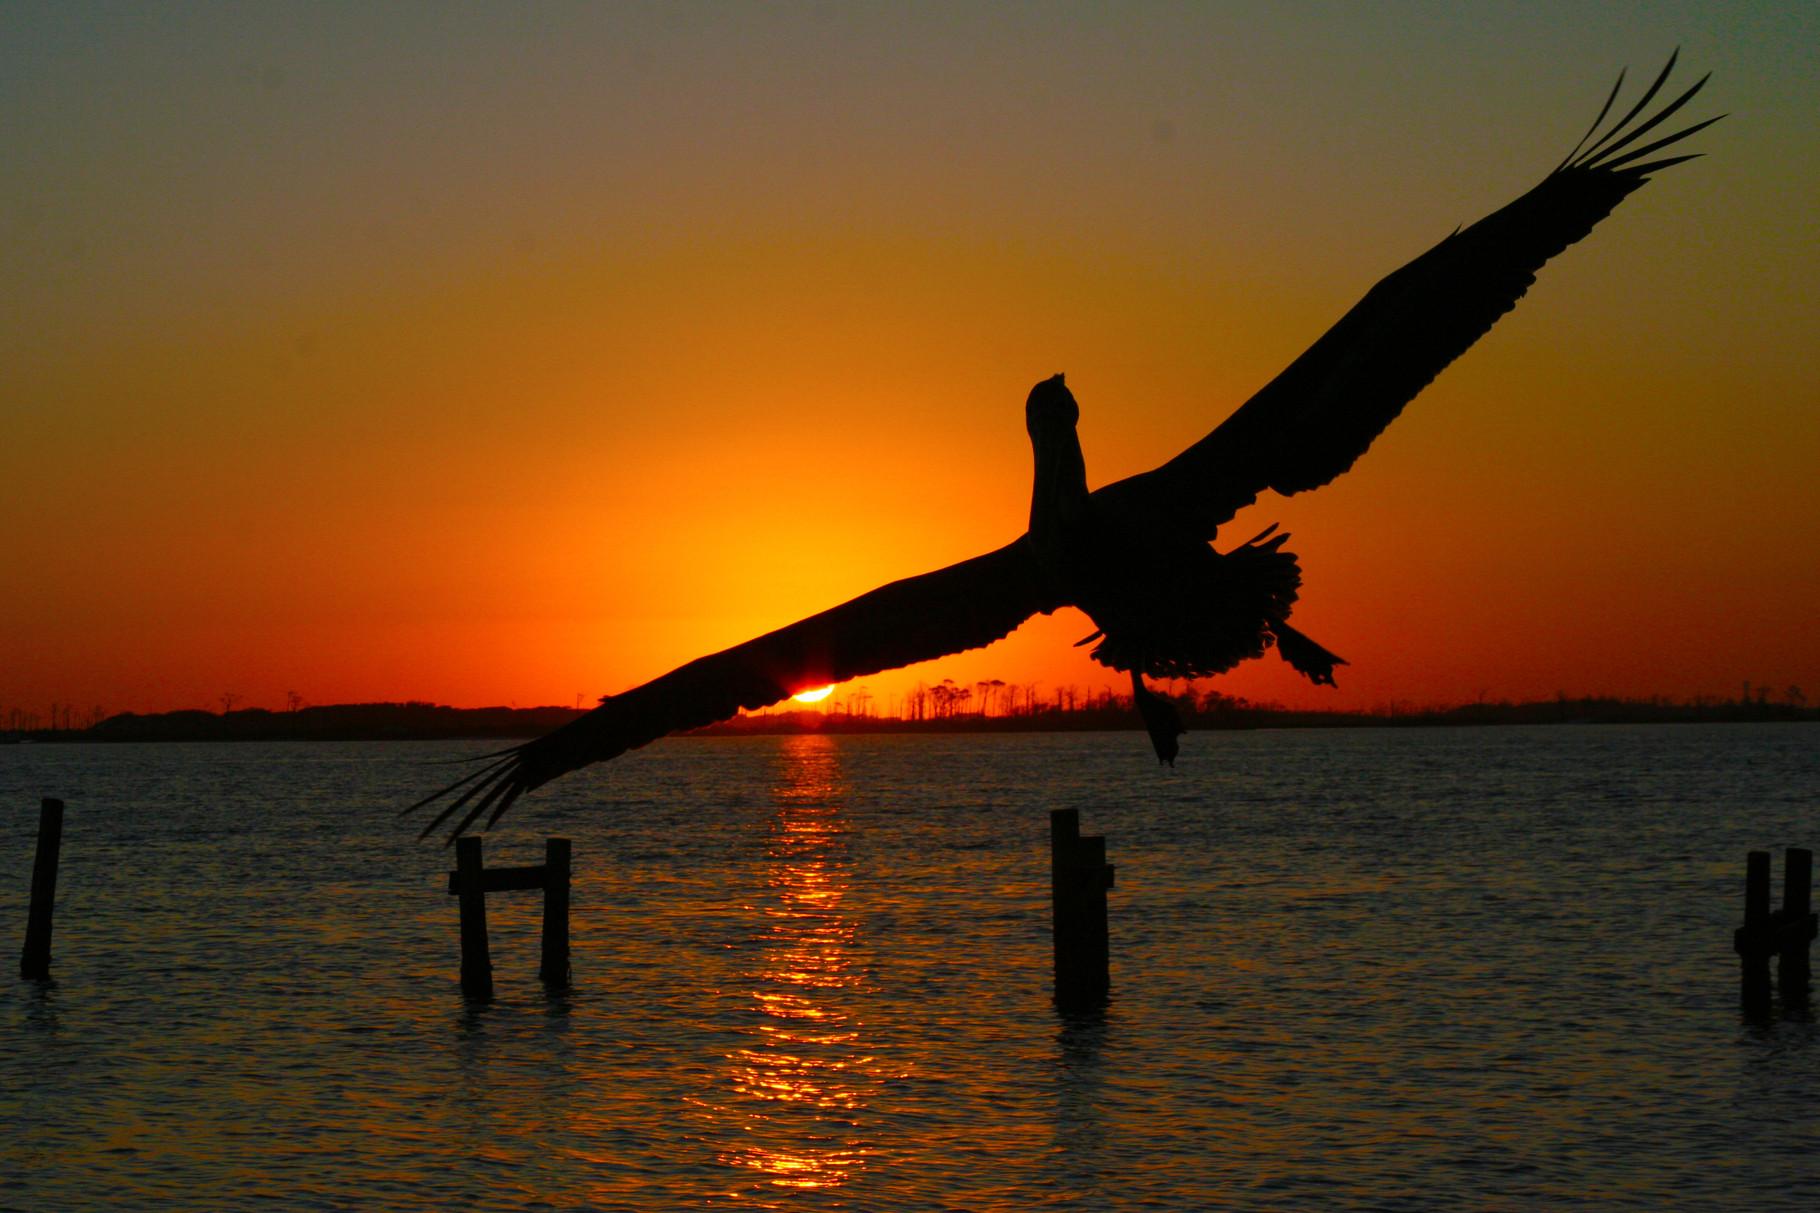 04_Pelikan (pelican) in Fort Walton Beach in Florida